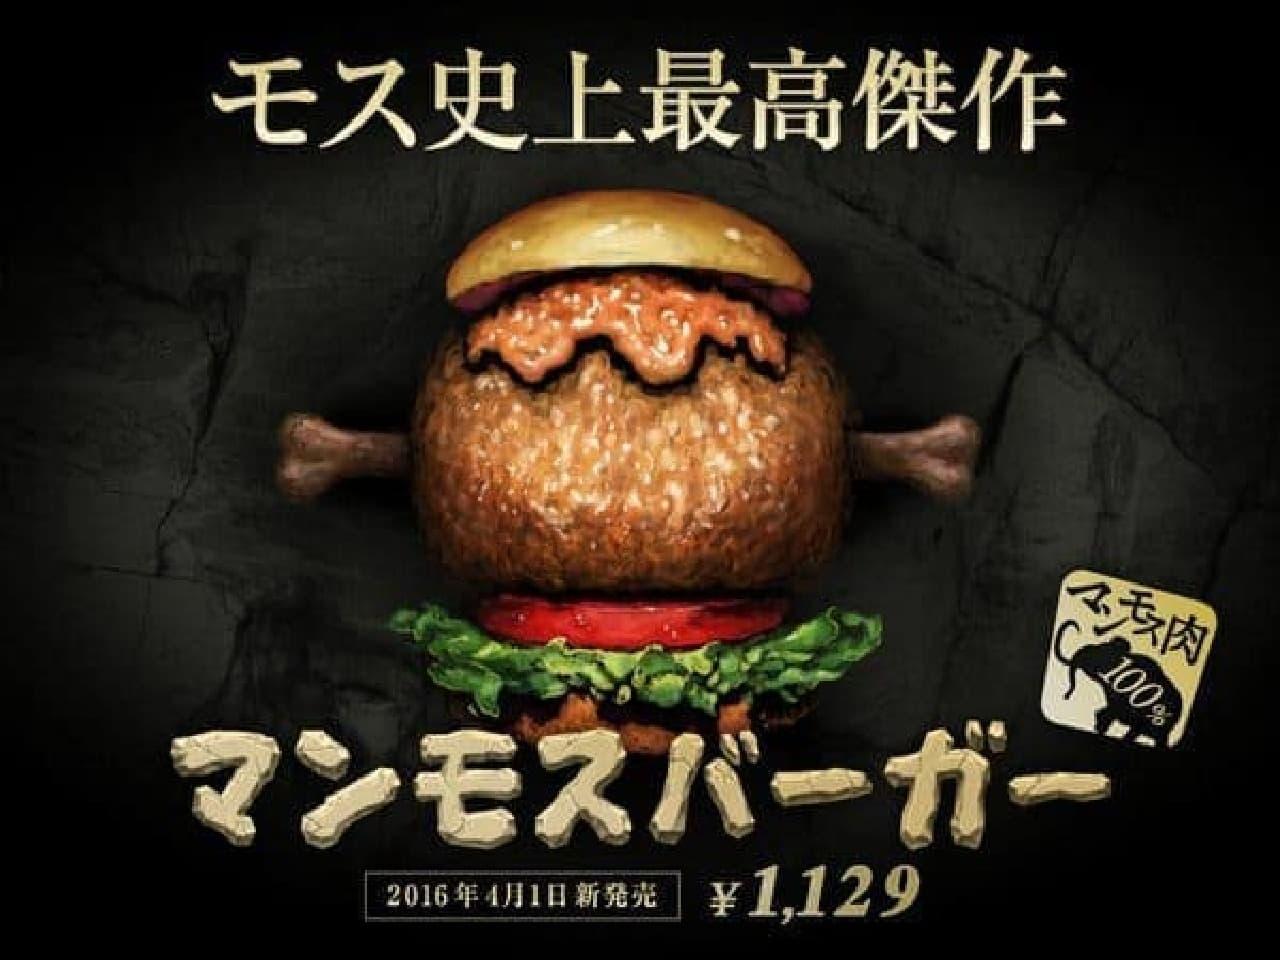 マンモス肉、100%